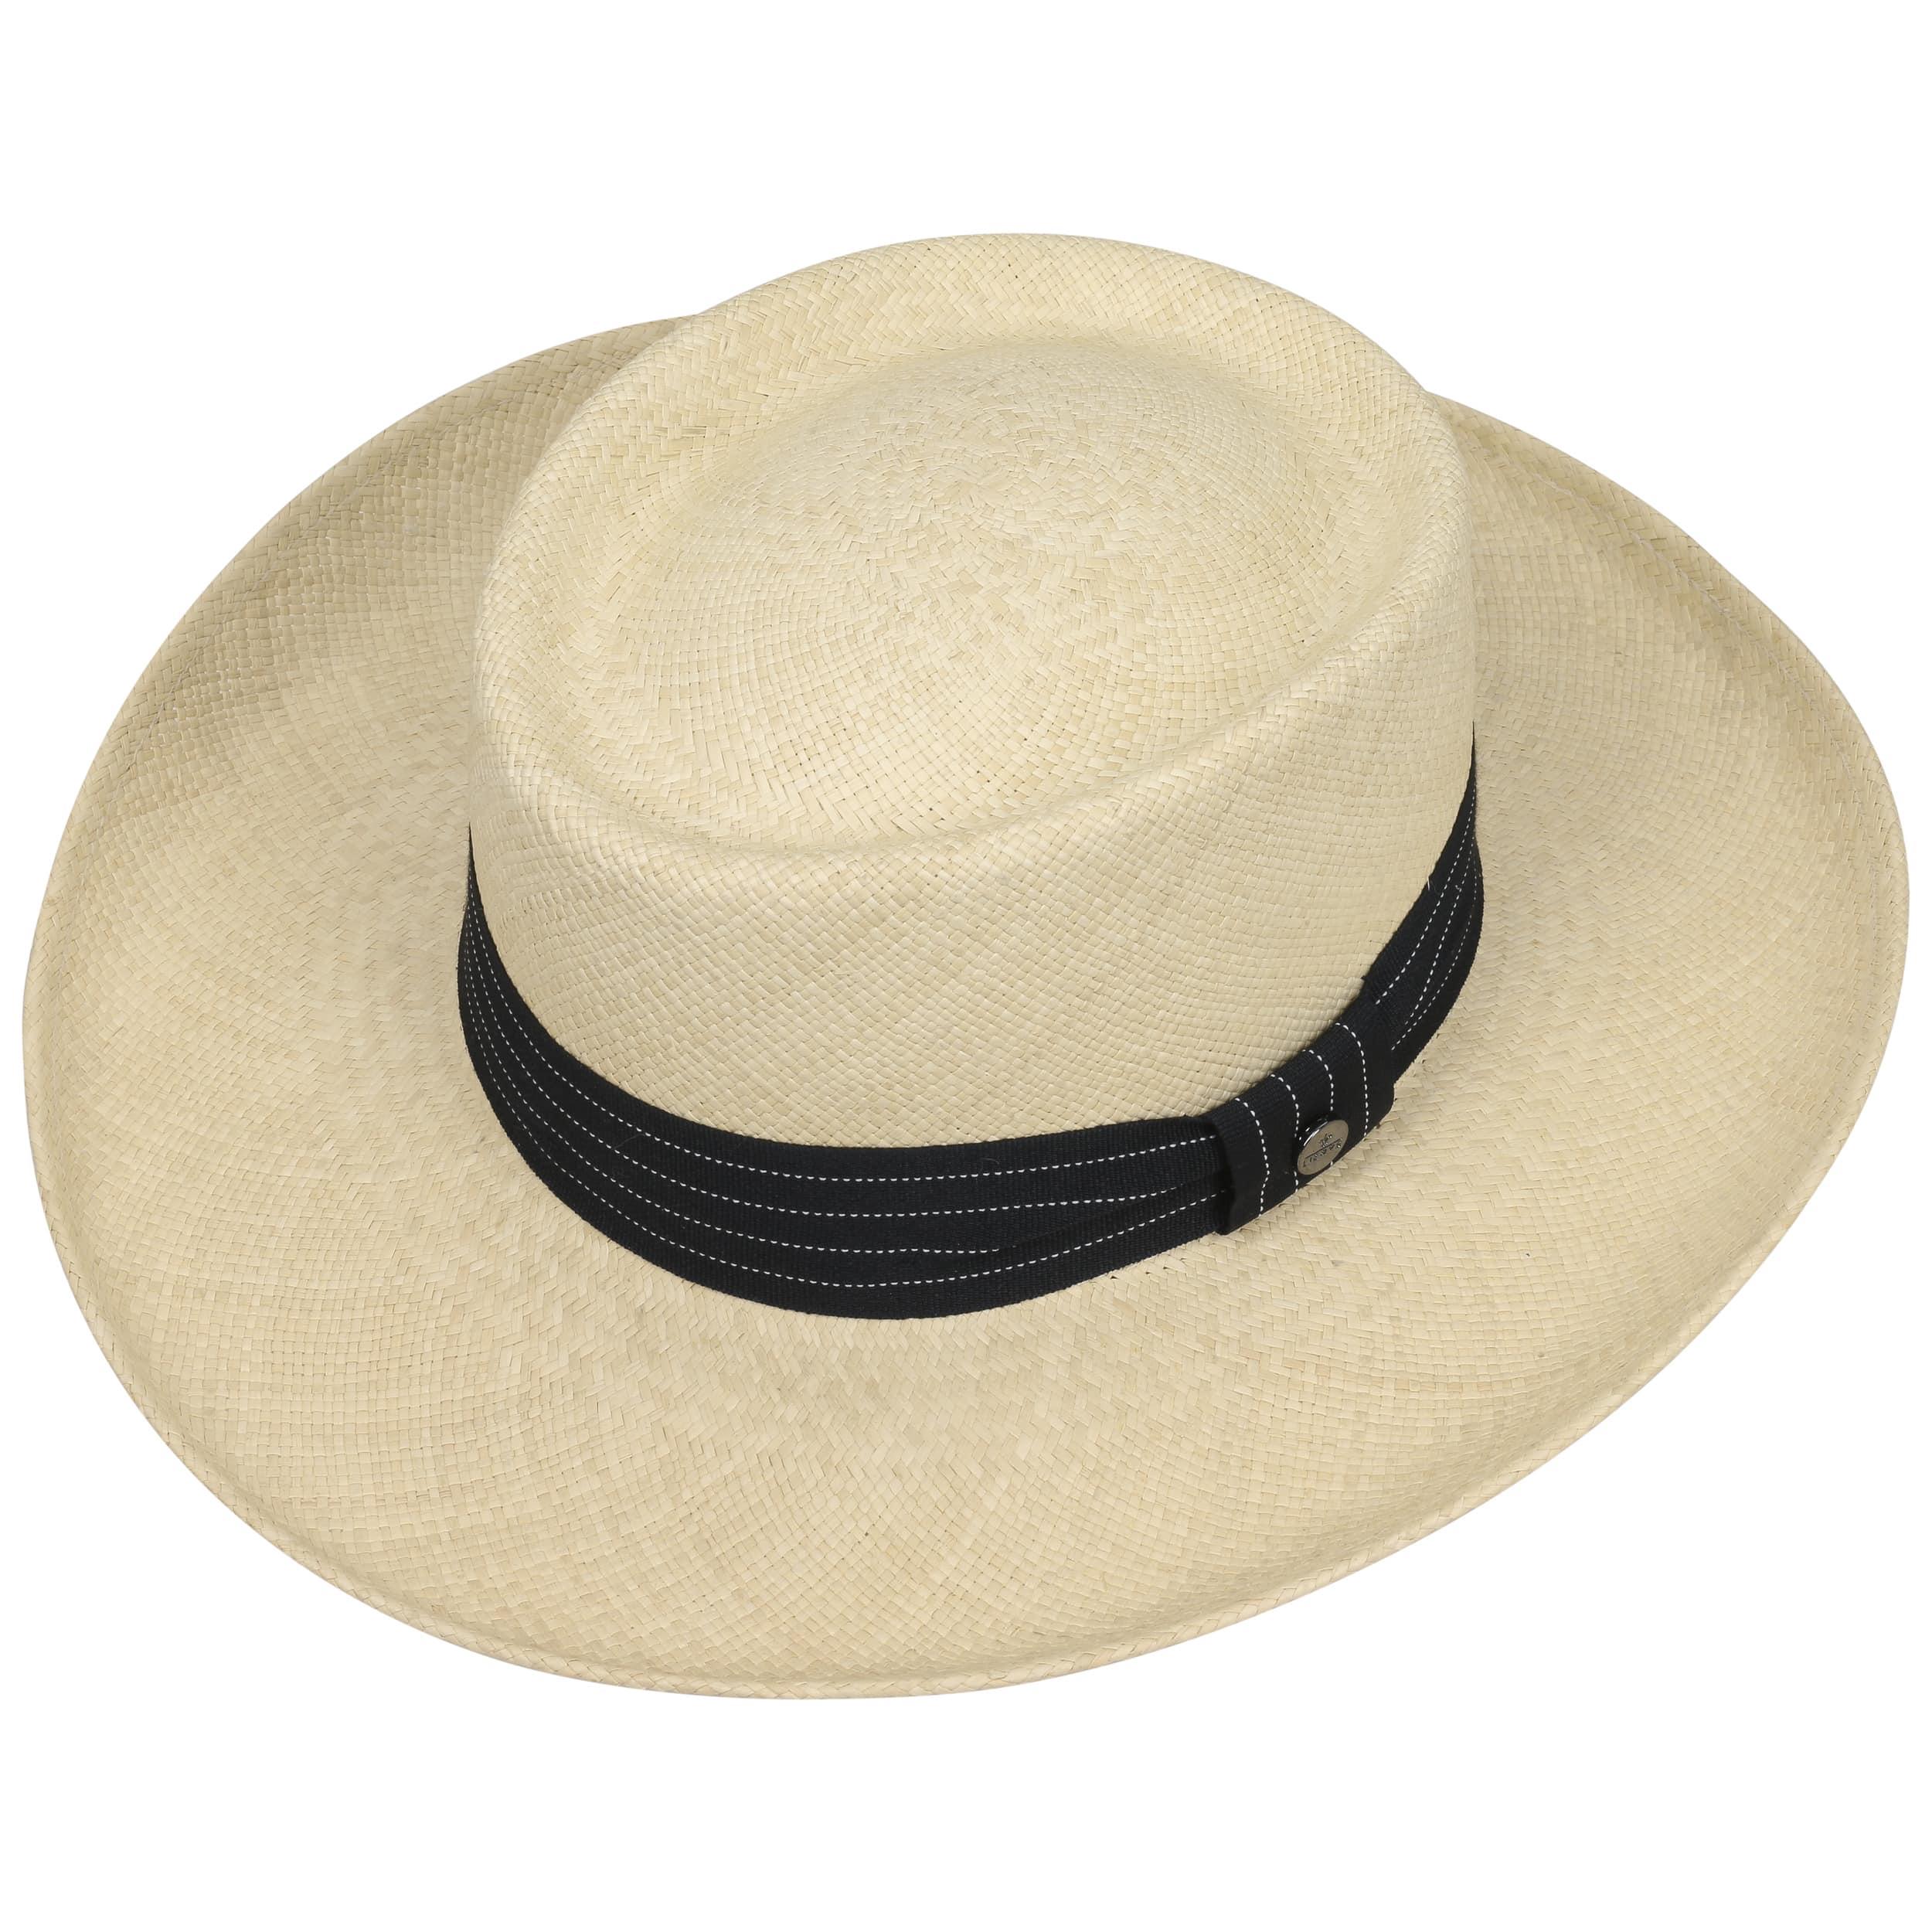 Sombrero panamá gambler lierys sombreros jpg 2500x2500 Sombrero panama 88c6bb06427